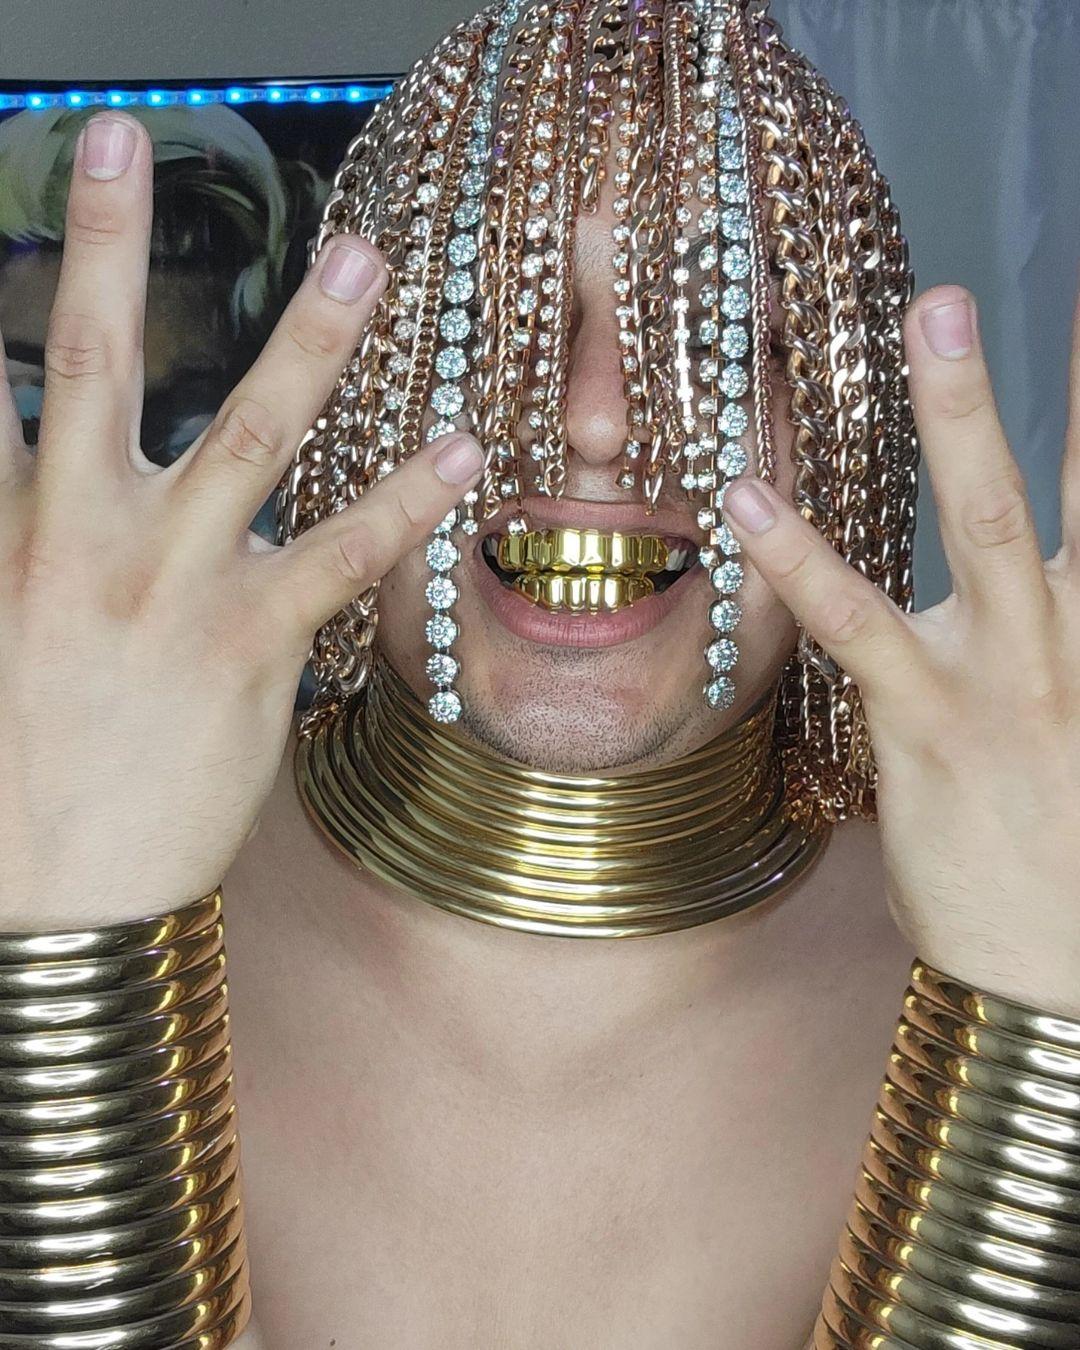 Pero... ¿qué demonios? Rapero mexicano se implanta cadenas de oro en la cabeza